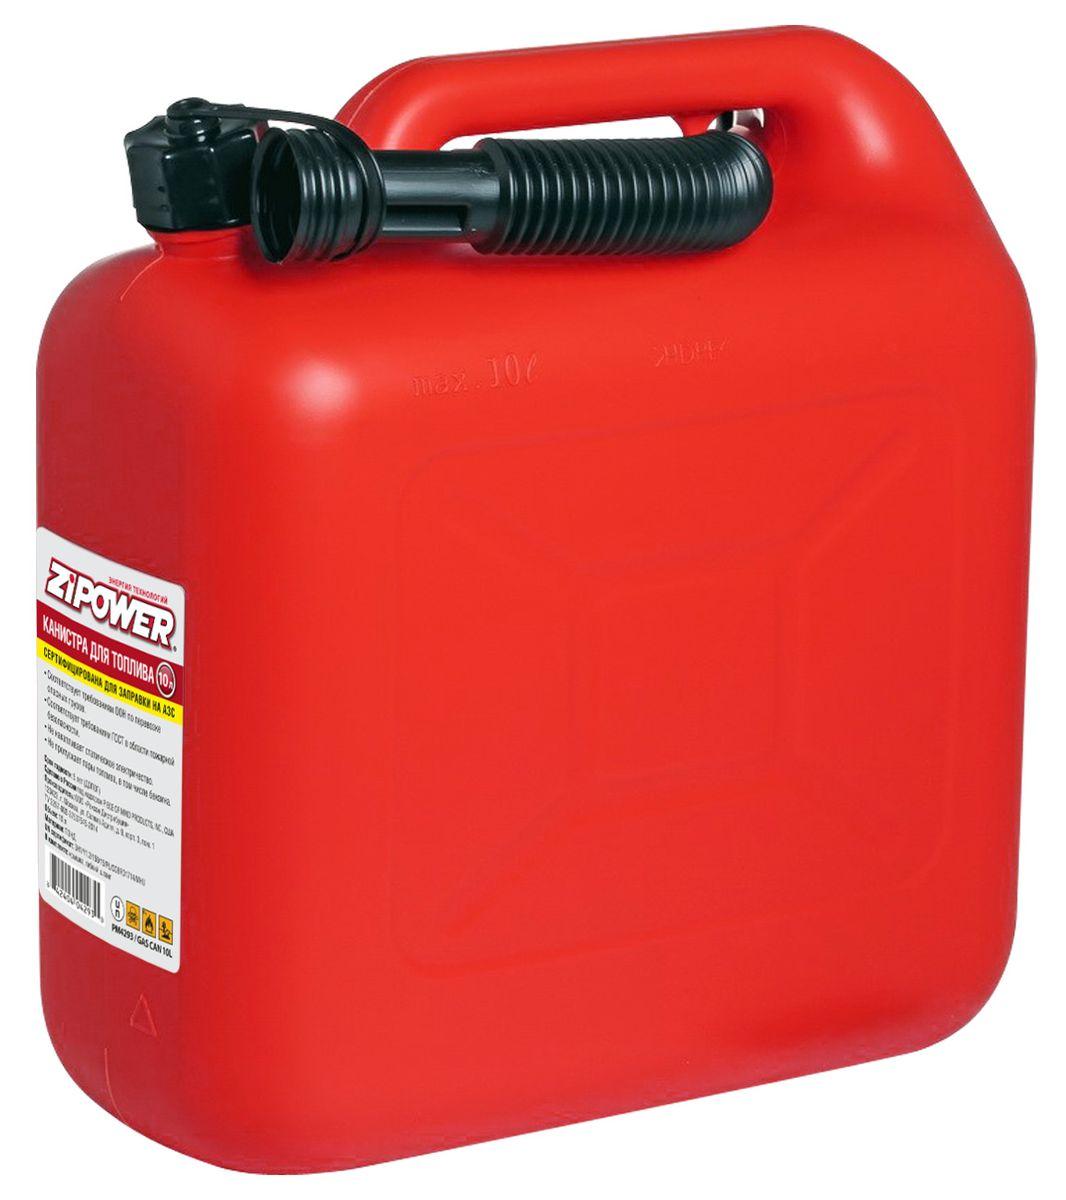 Канистра для топлива Zipower, цвет: красный, 10 лC0042416Канистры предназначены для хранения горюче-смазочных материалов. Канистры изготовлены из первичного сырья ПЭНД и не накапливают статический заряд. Товар имеет европейский сертификат соответствия 3H1/Y1.2/150/15/PL/COBR01714/MHU, который позволяет производить заливку бензина в канистру и контактировать с металлическим пистолетом на АЗС.Все канистры укомплектовываются крышкой и гибким шлангом.